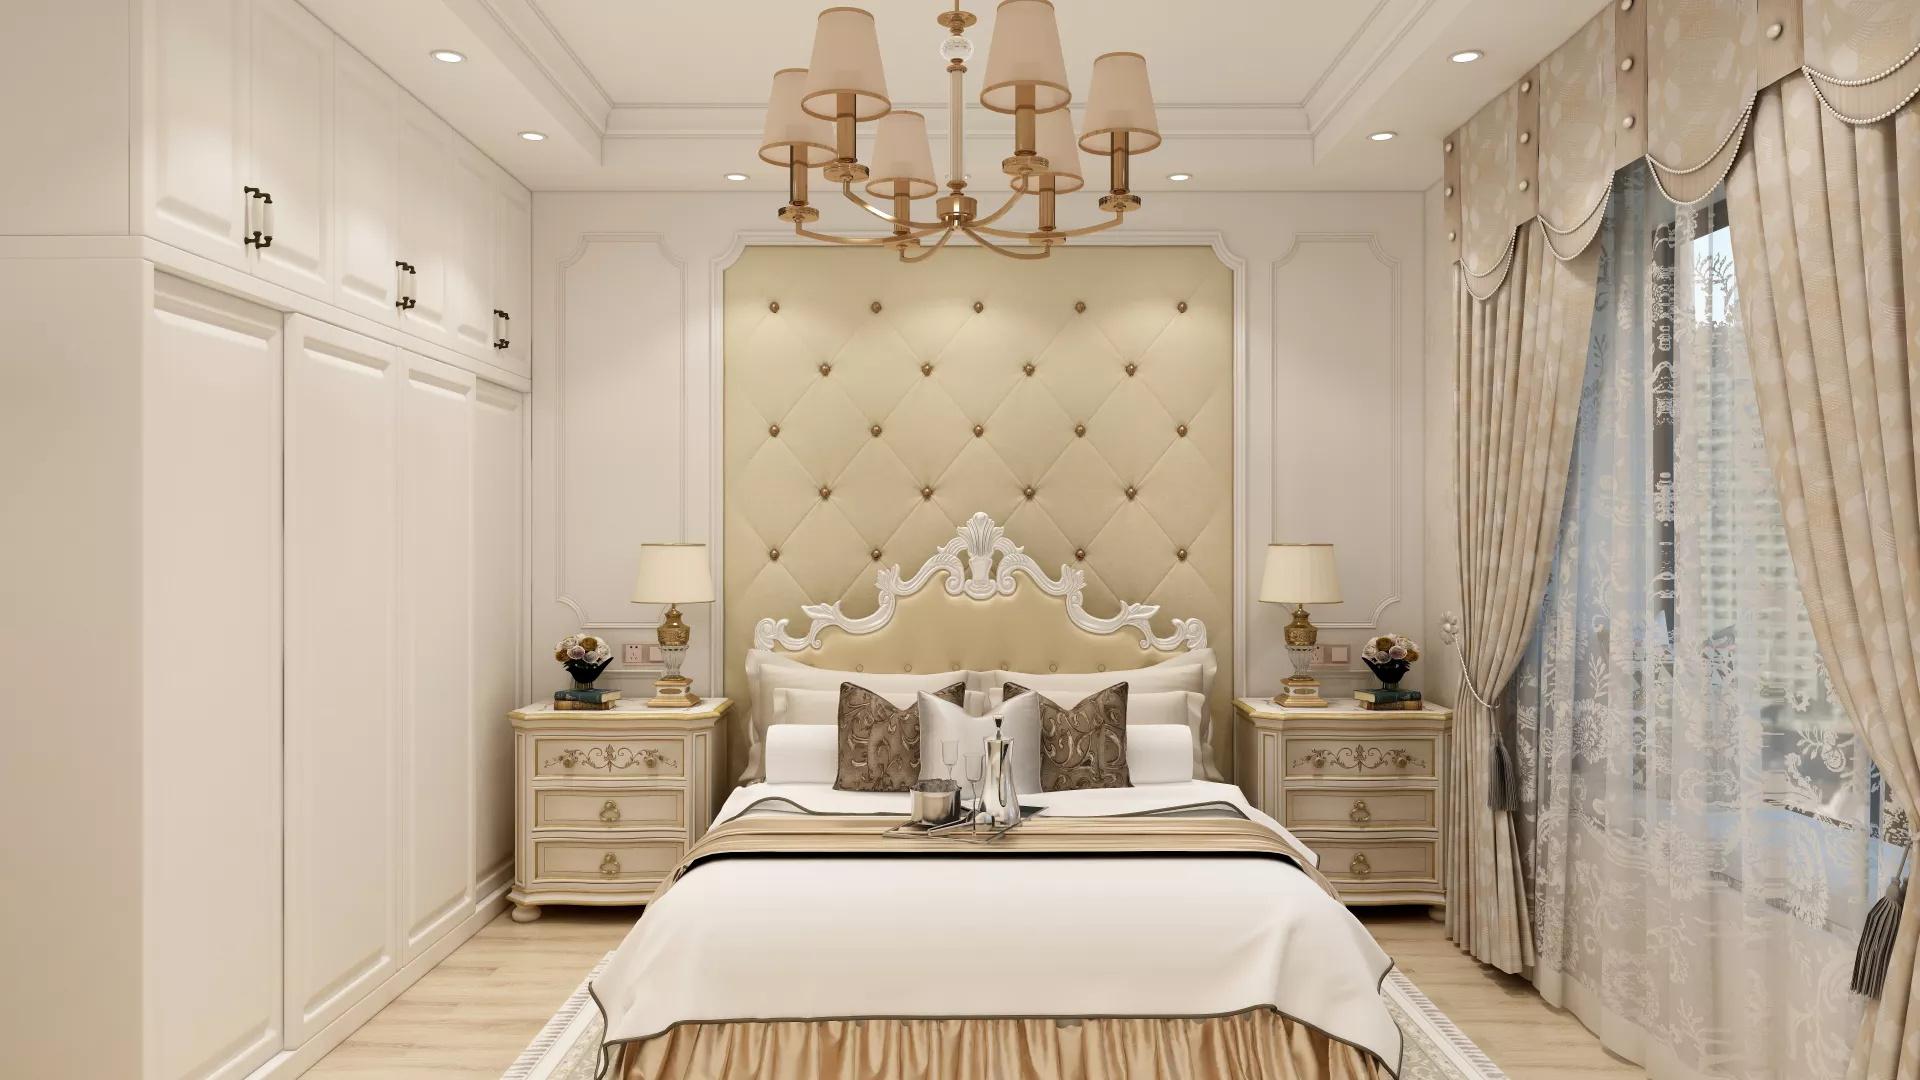 大户型新中式风格家居装修效果图